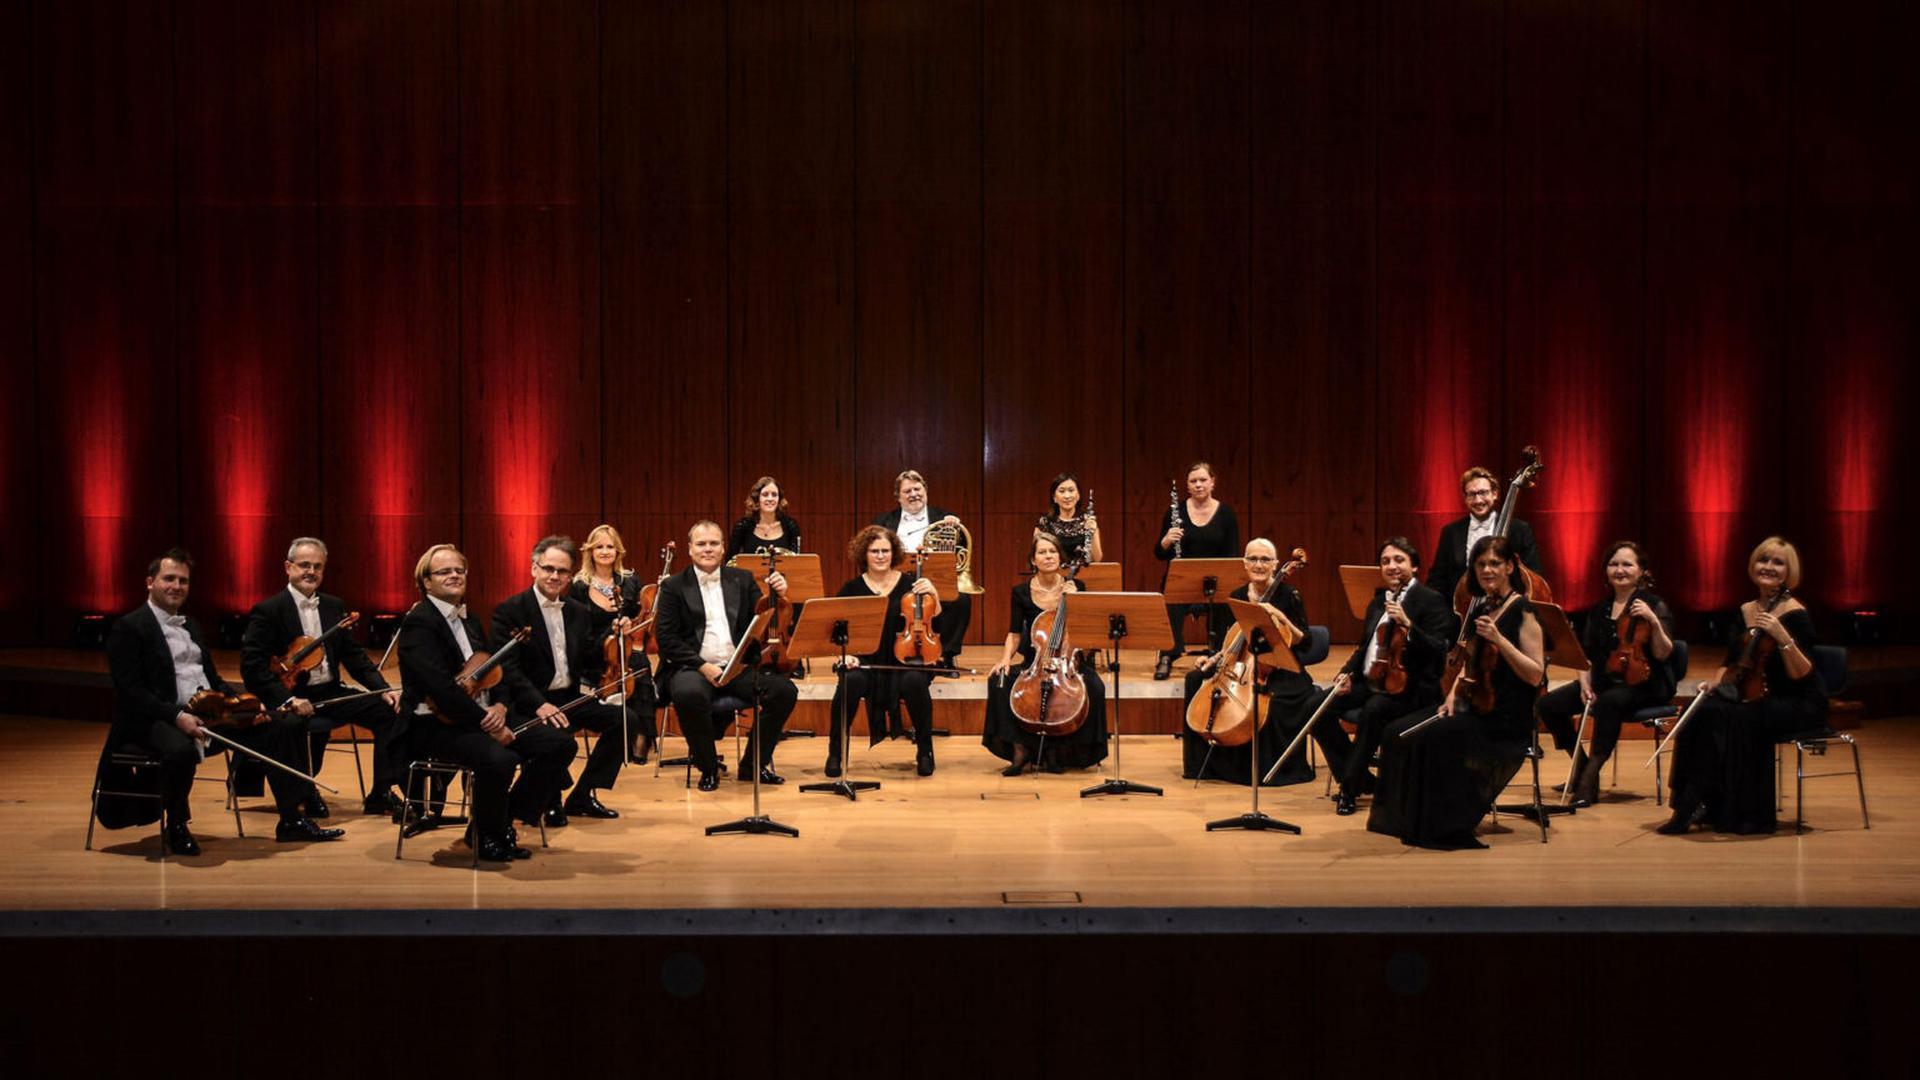 Ein frischer und packender musikalischer Zugriff und stilistische Vielfalt von der alten bis zur neuen Musik, sind die Erkennungszeichen des Südwestdeutschen Kammerorchesters Pforzheim.